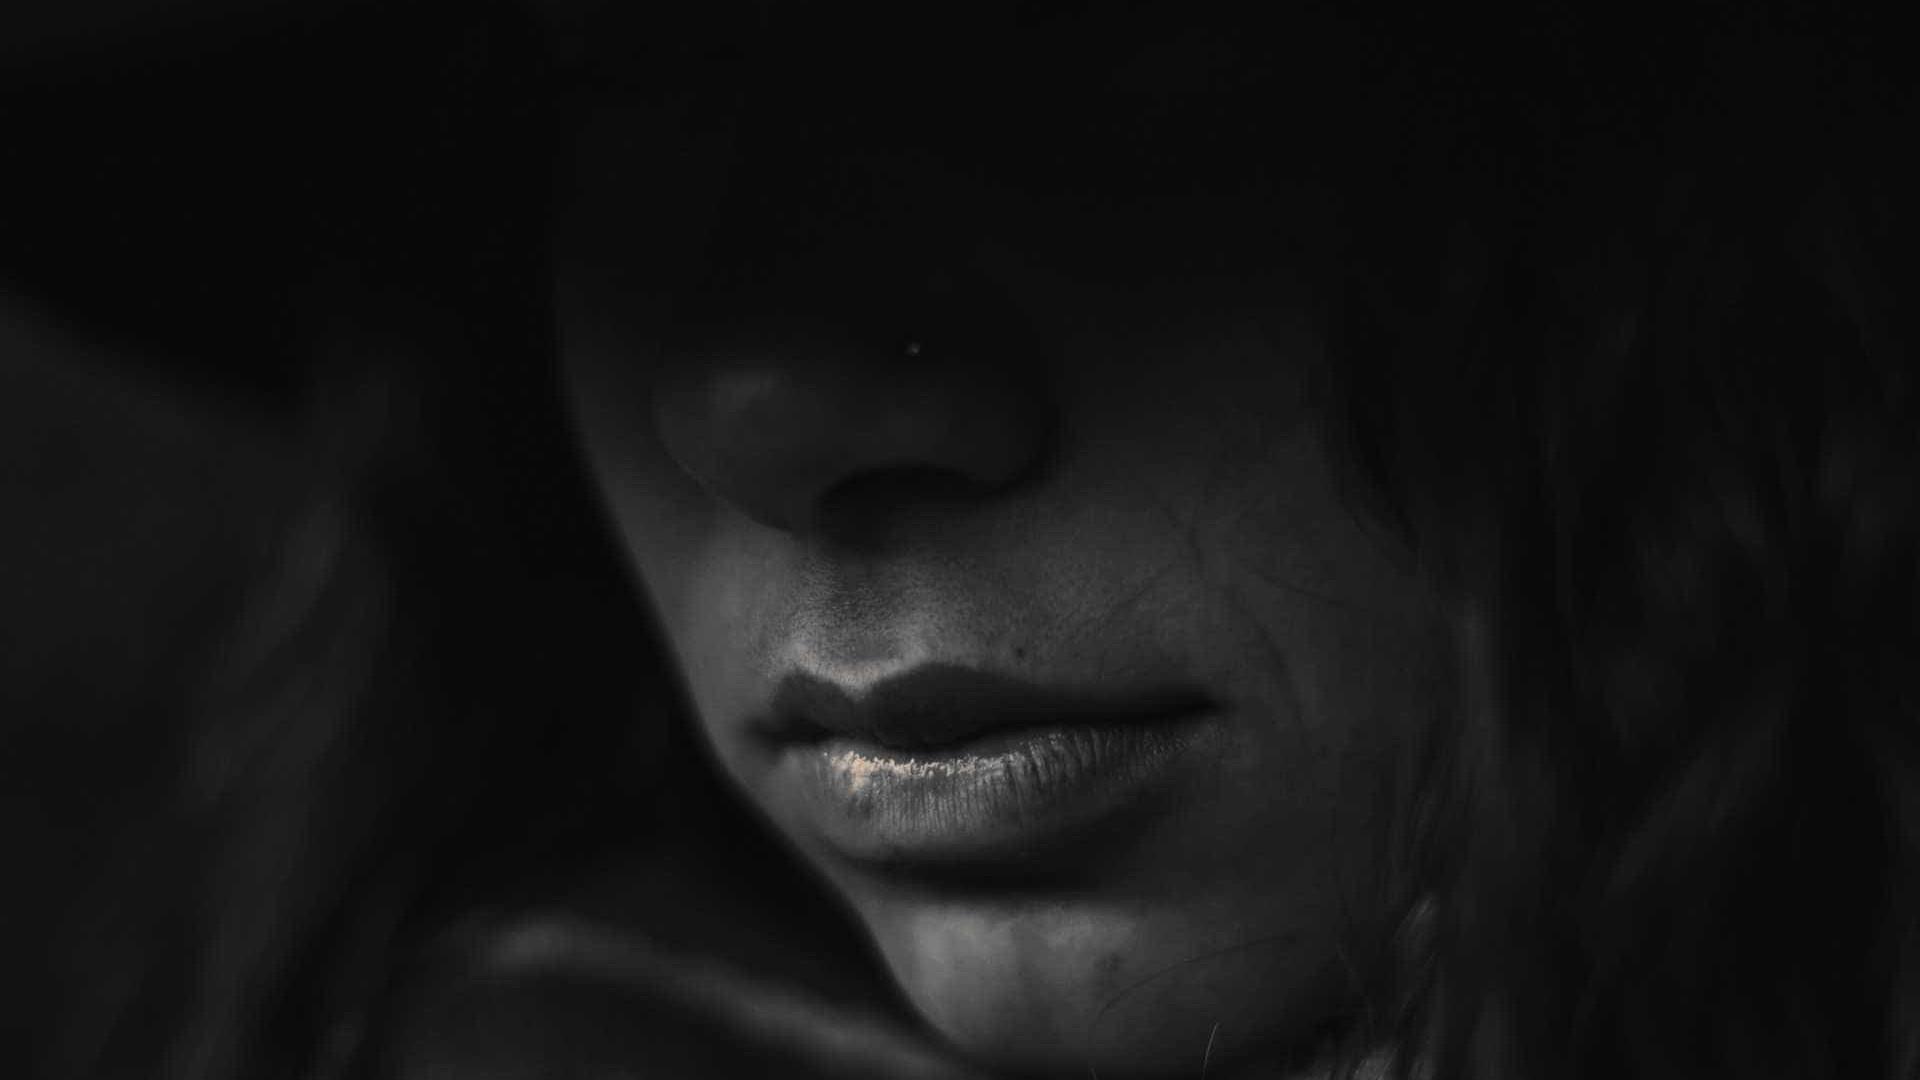 Pesquisa: Mulher que denuncia violência sexual não é levada a sério